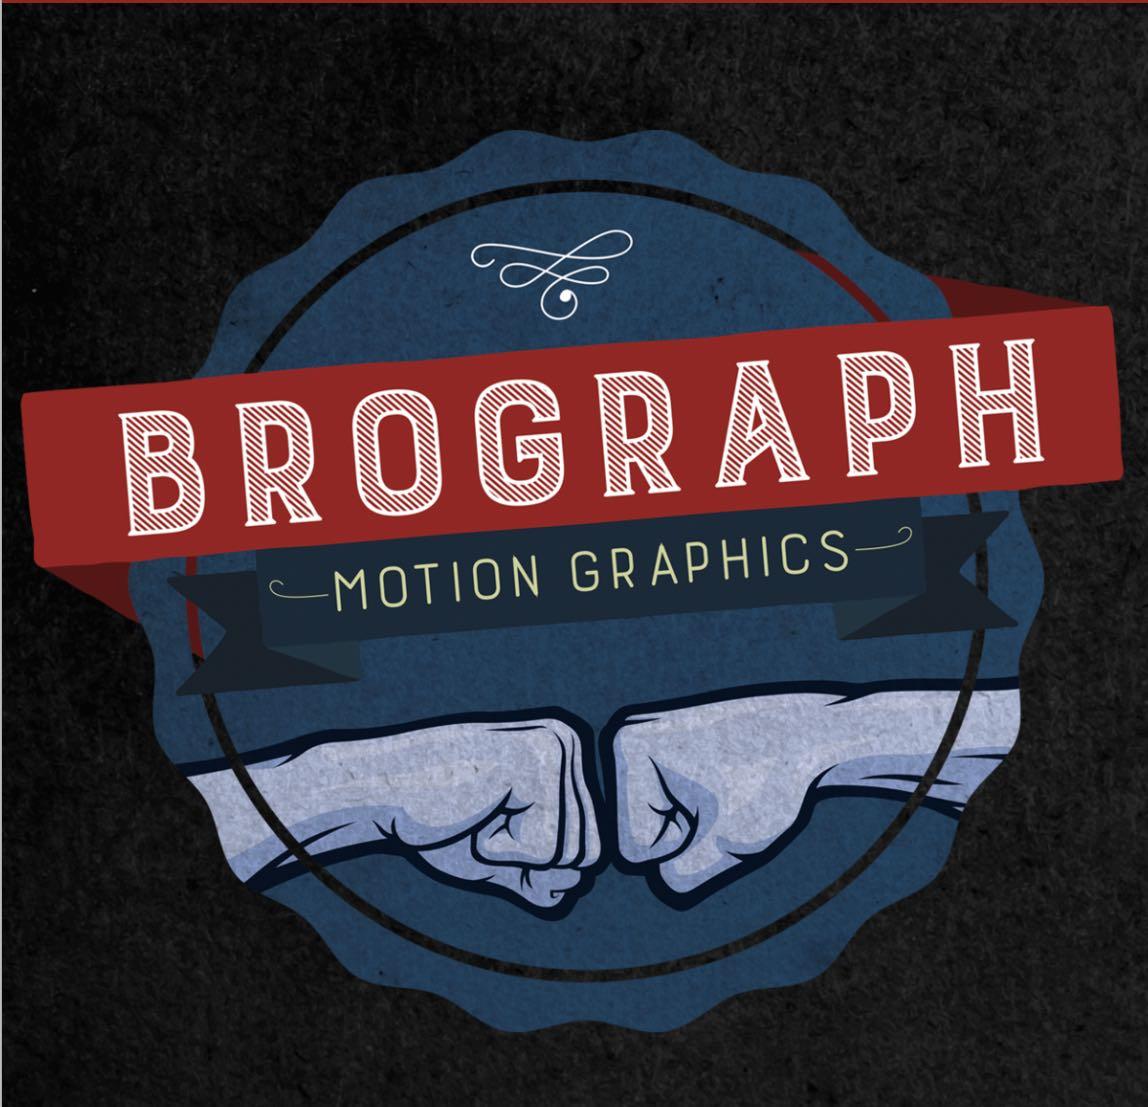 Brograph Dave Koss Graphic Animator